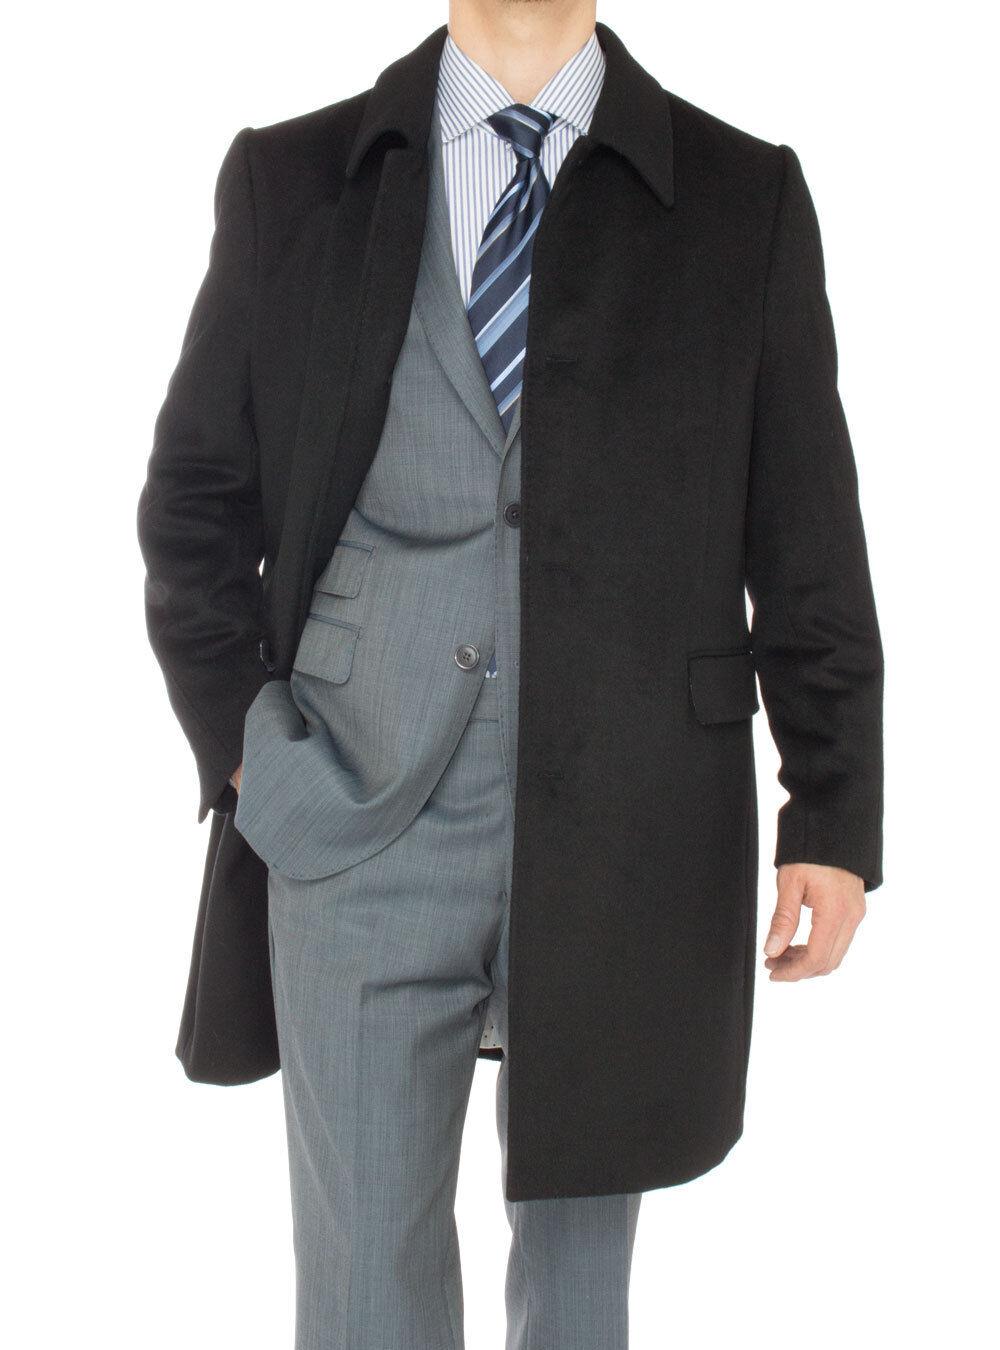 Luciano Natazzi  Herren Cashmere Topcoat Classic Knee Length Trench Coat Overcoat